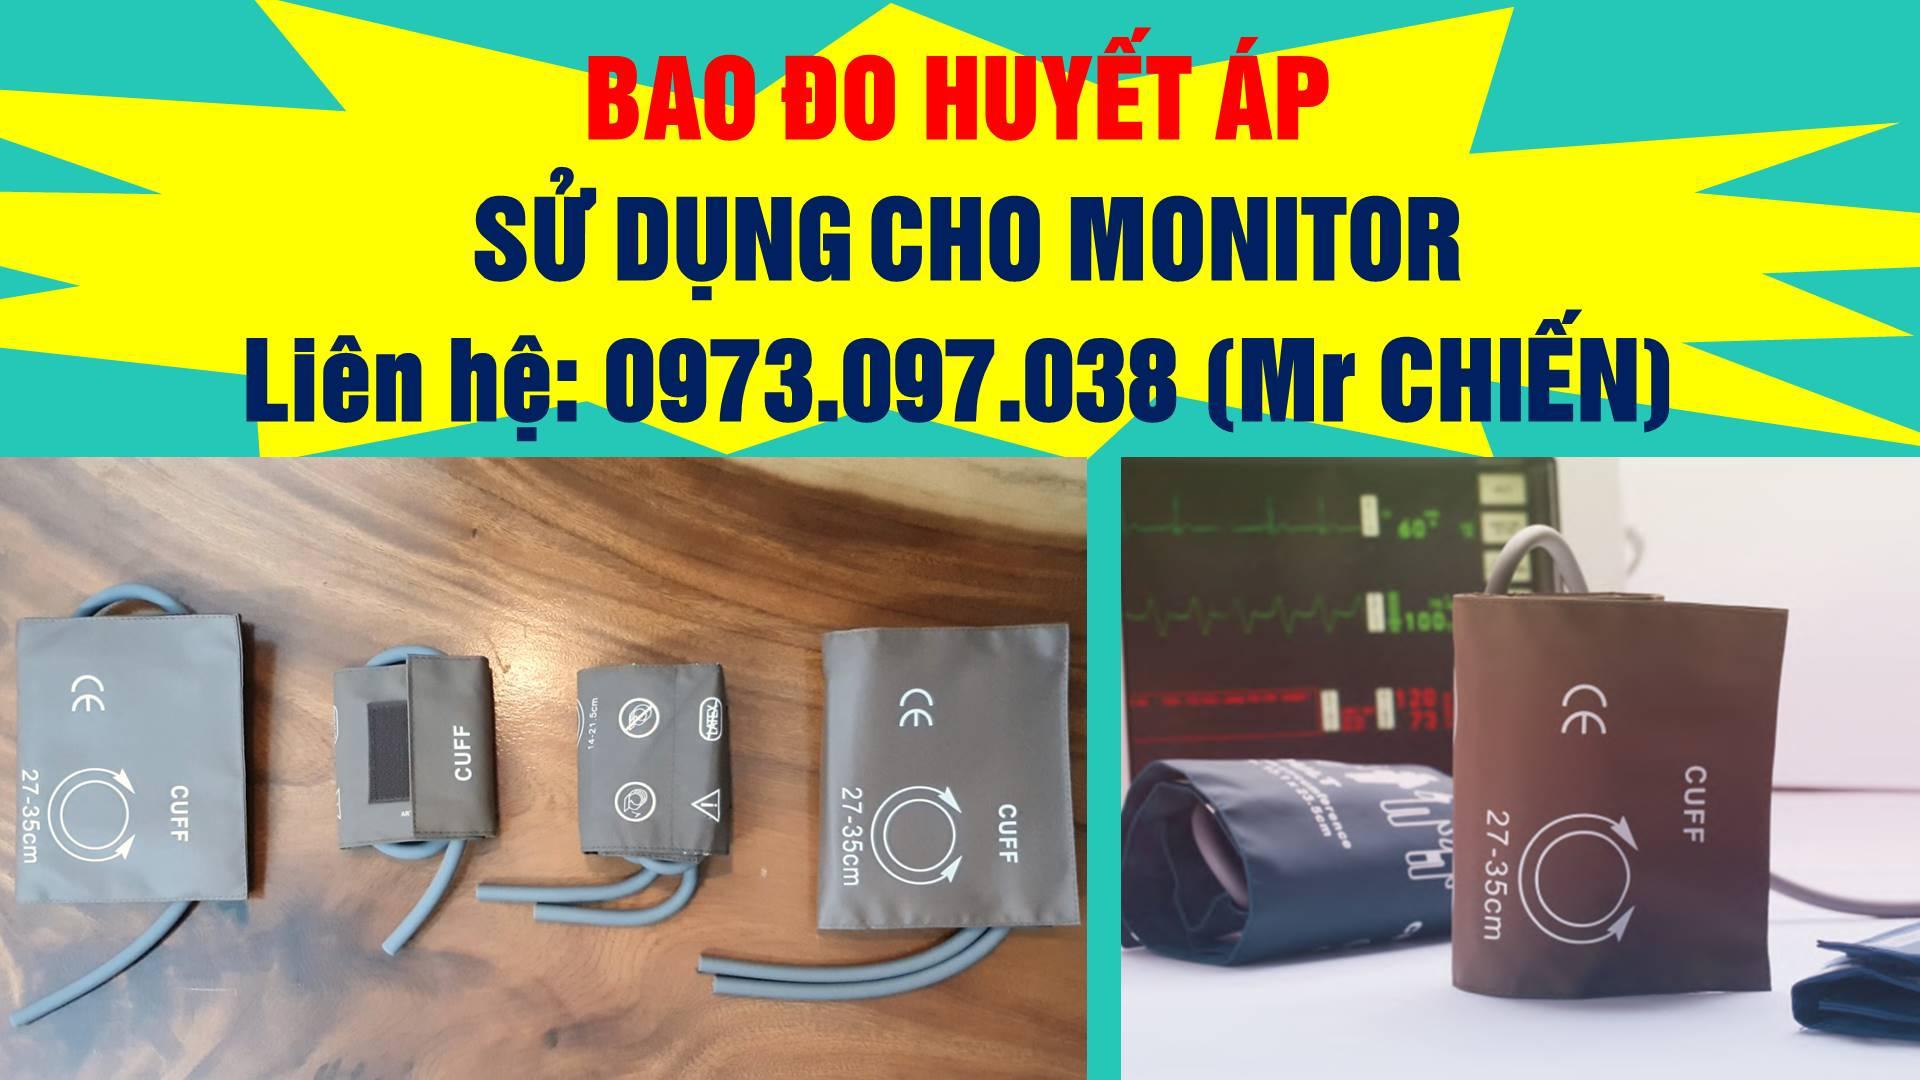 Bao đo huyết áp dùng cho monitor